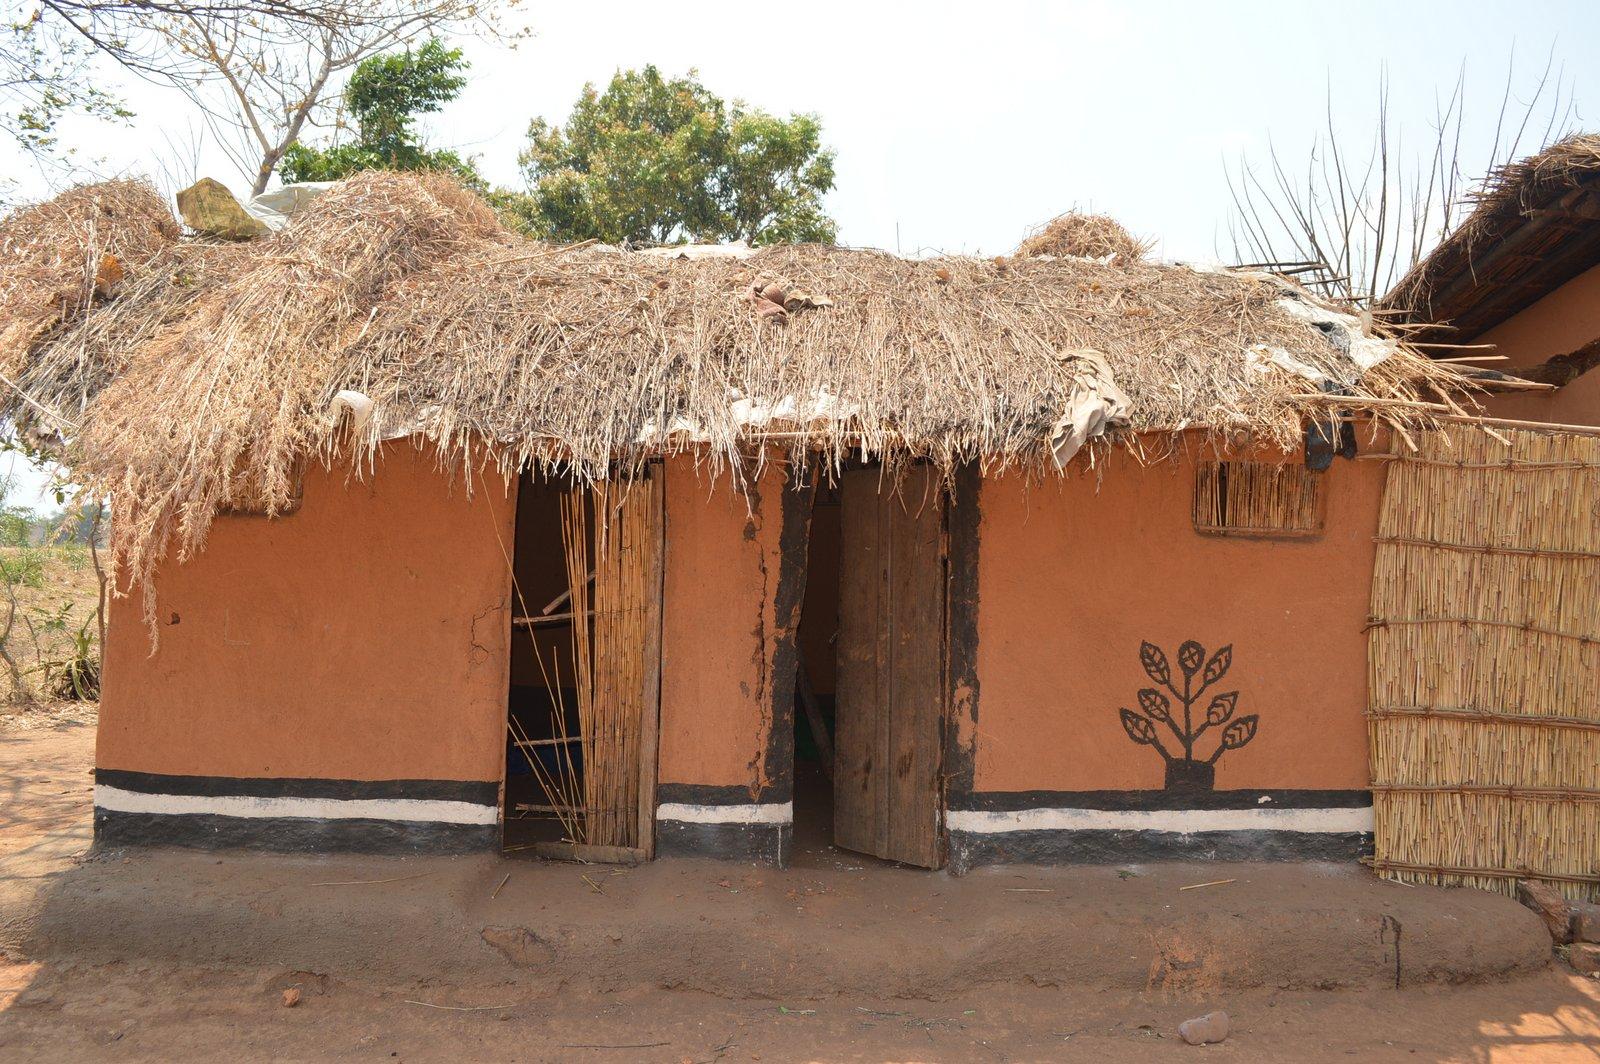 Chinseu, Salima (7).JPG